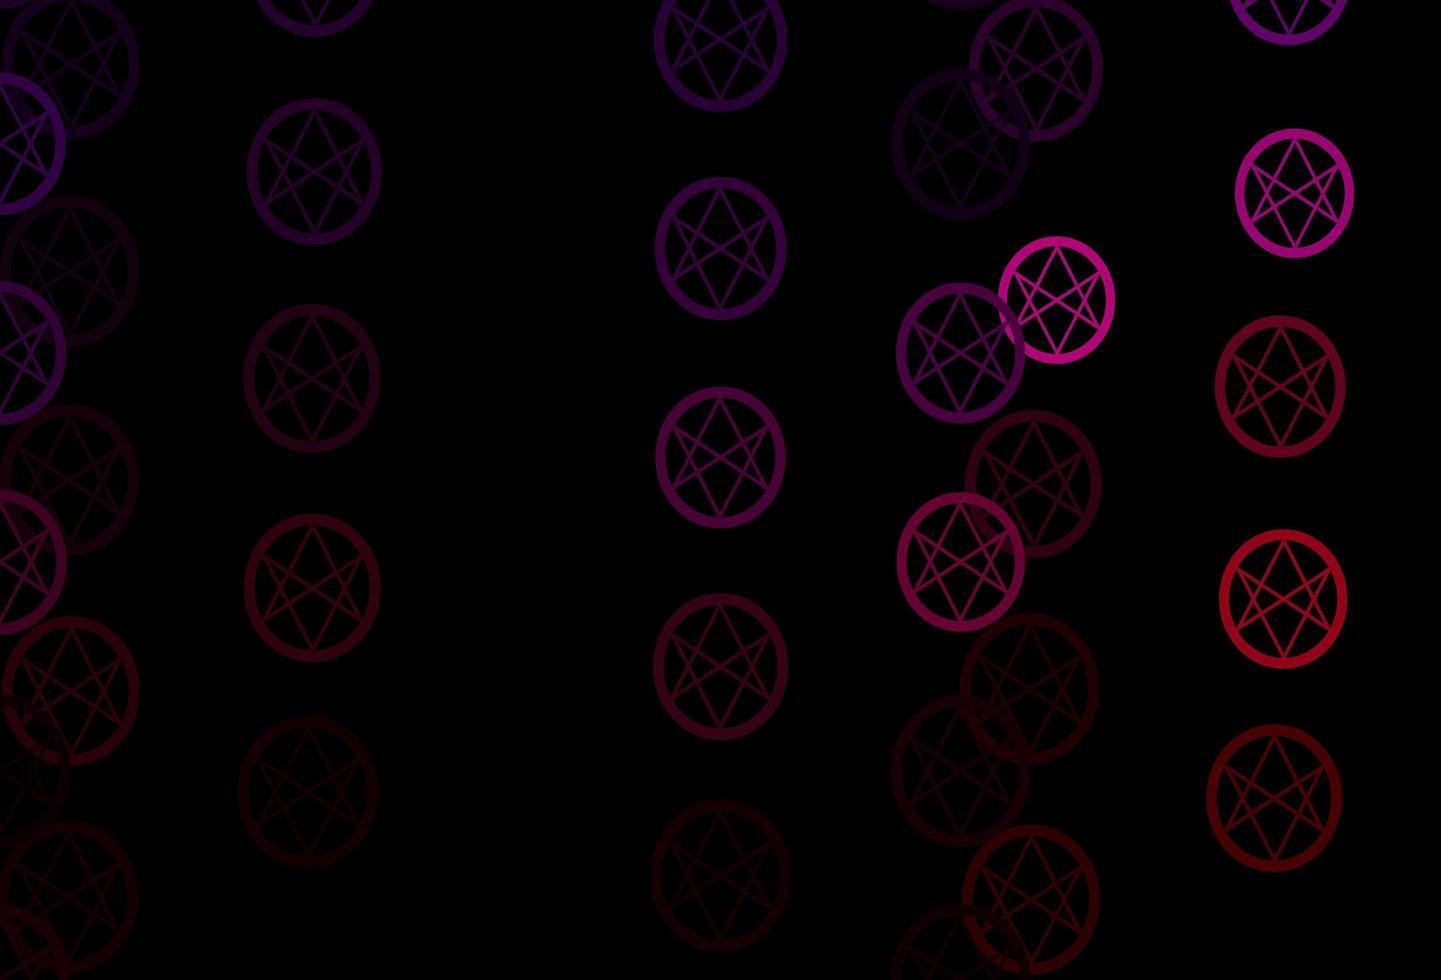 sfondo vettoriale viola scuro, rosa con simboli occulti.